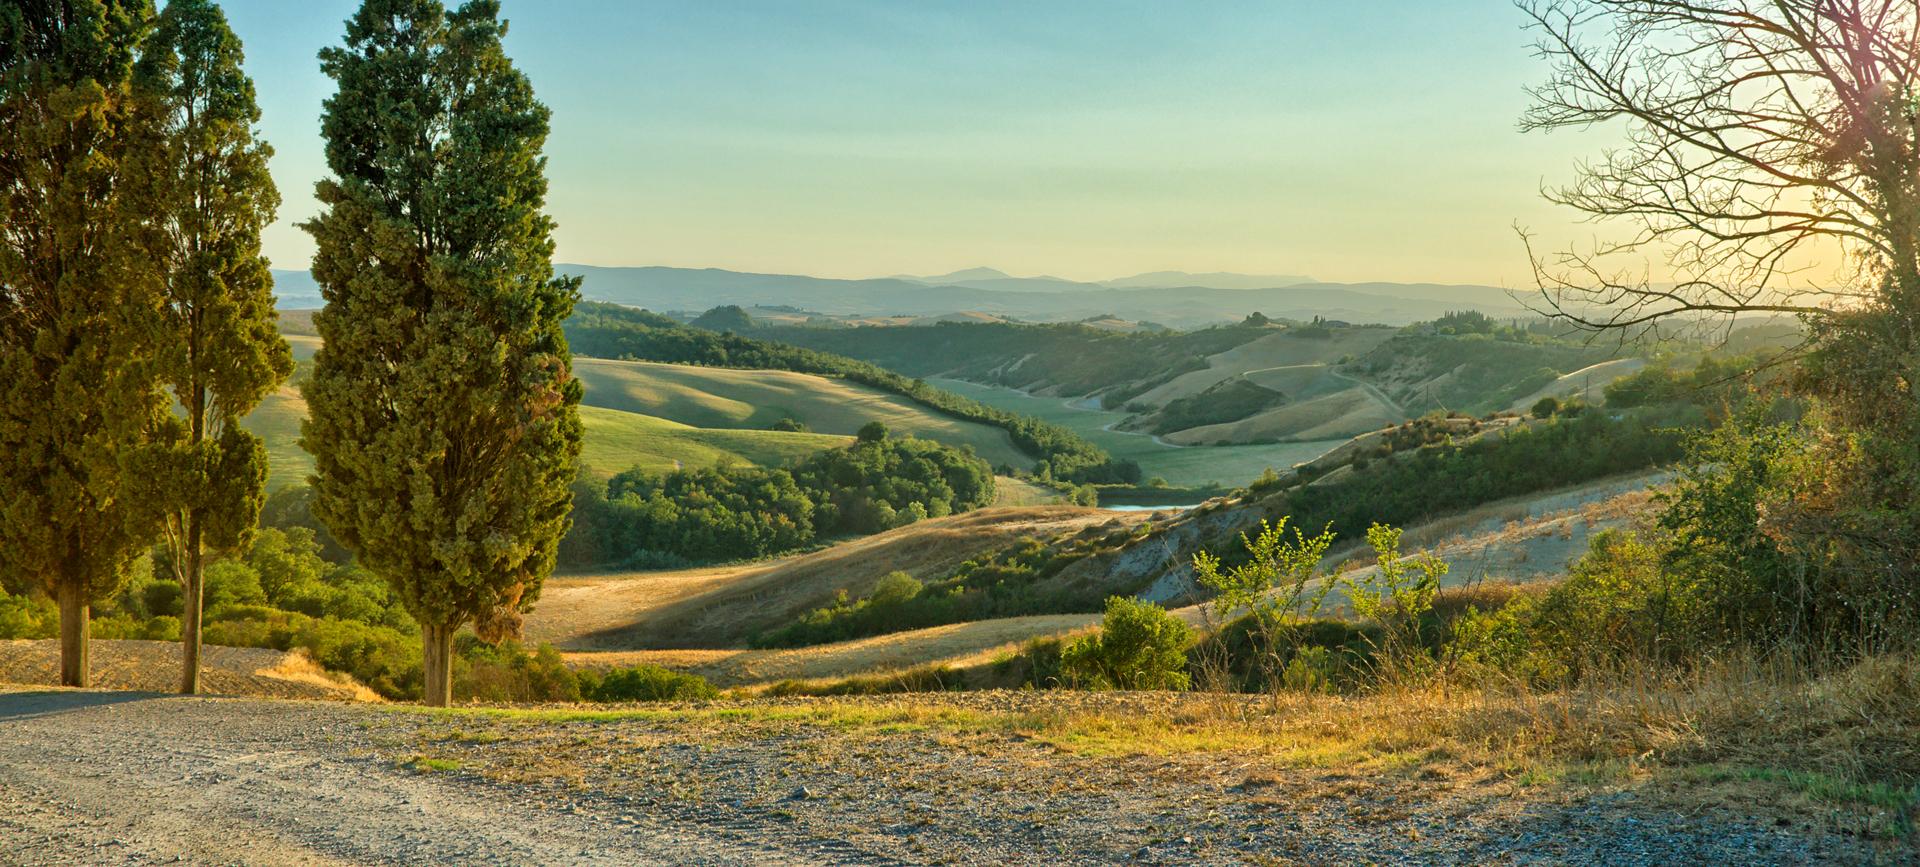 trees in landscape.jpg